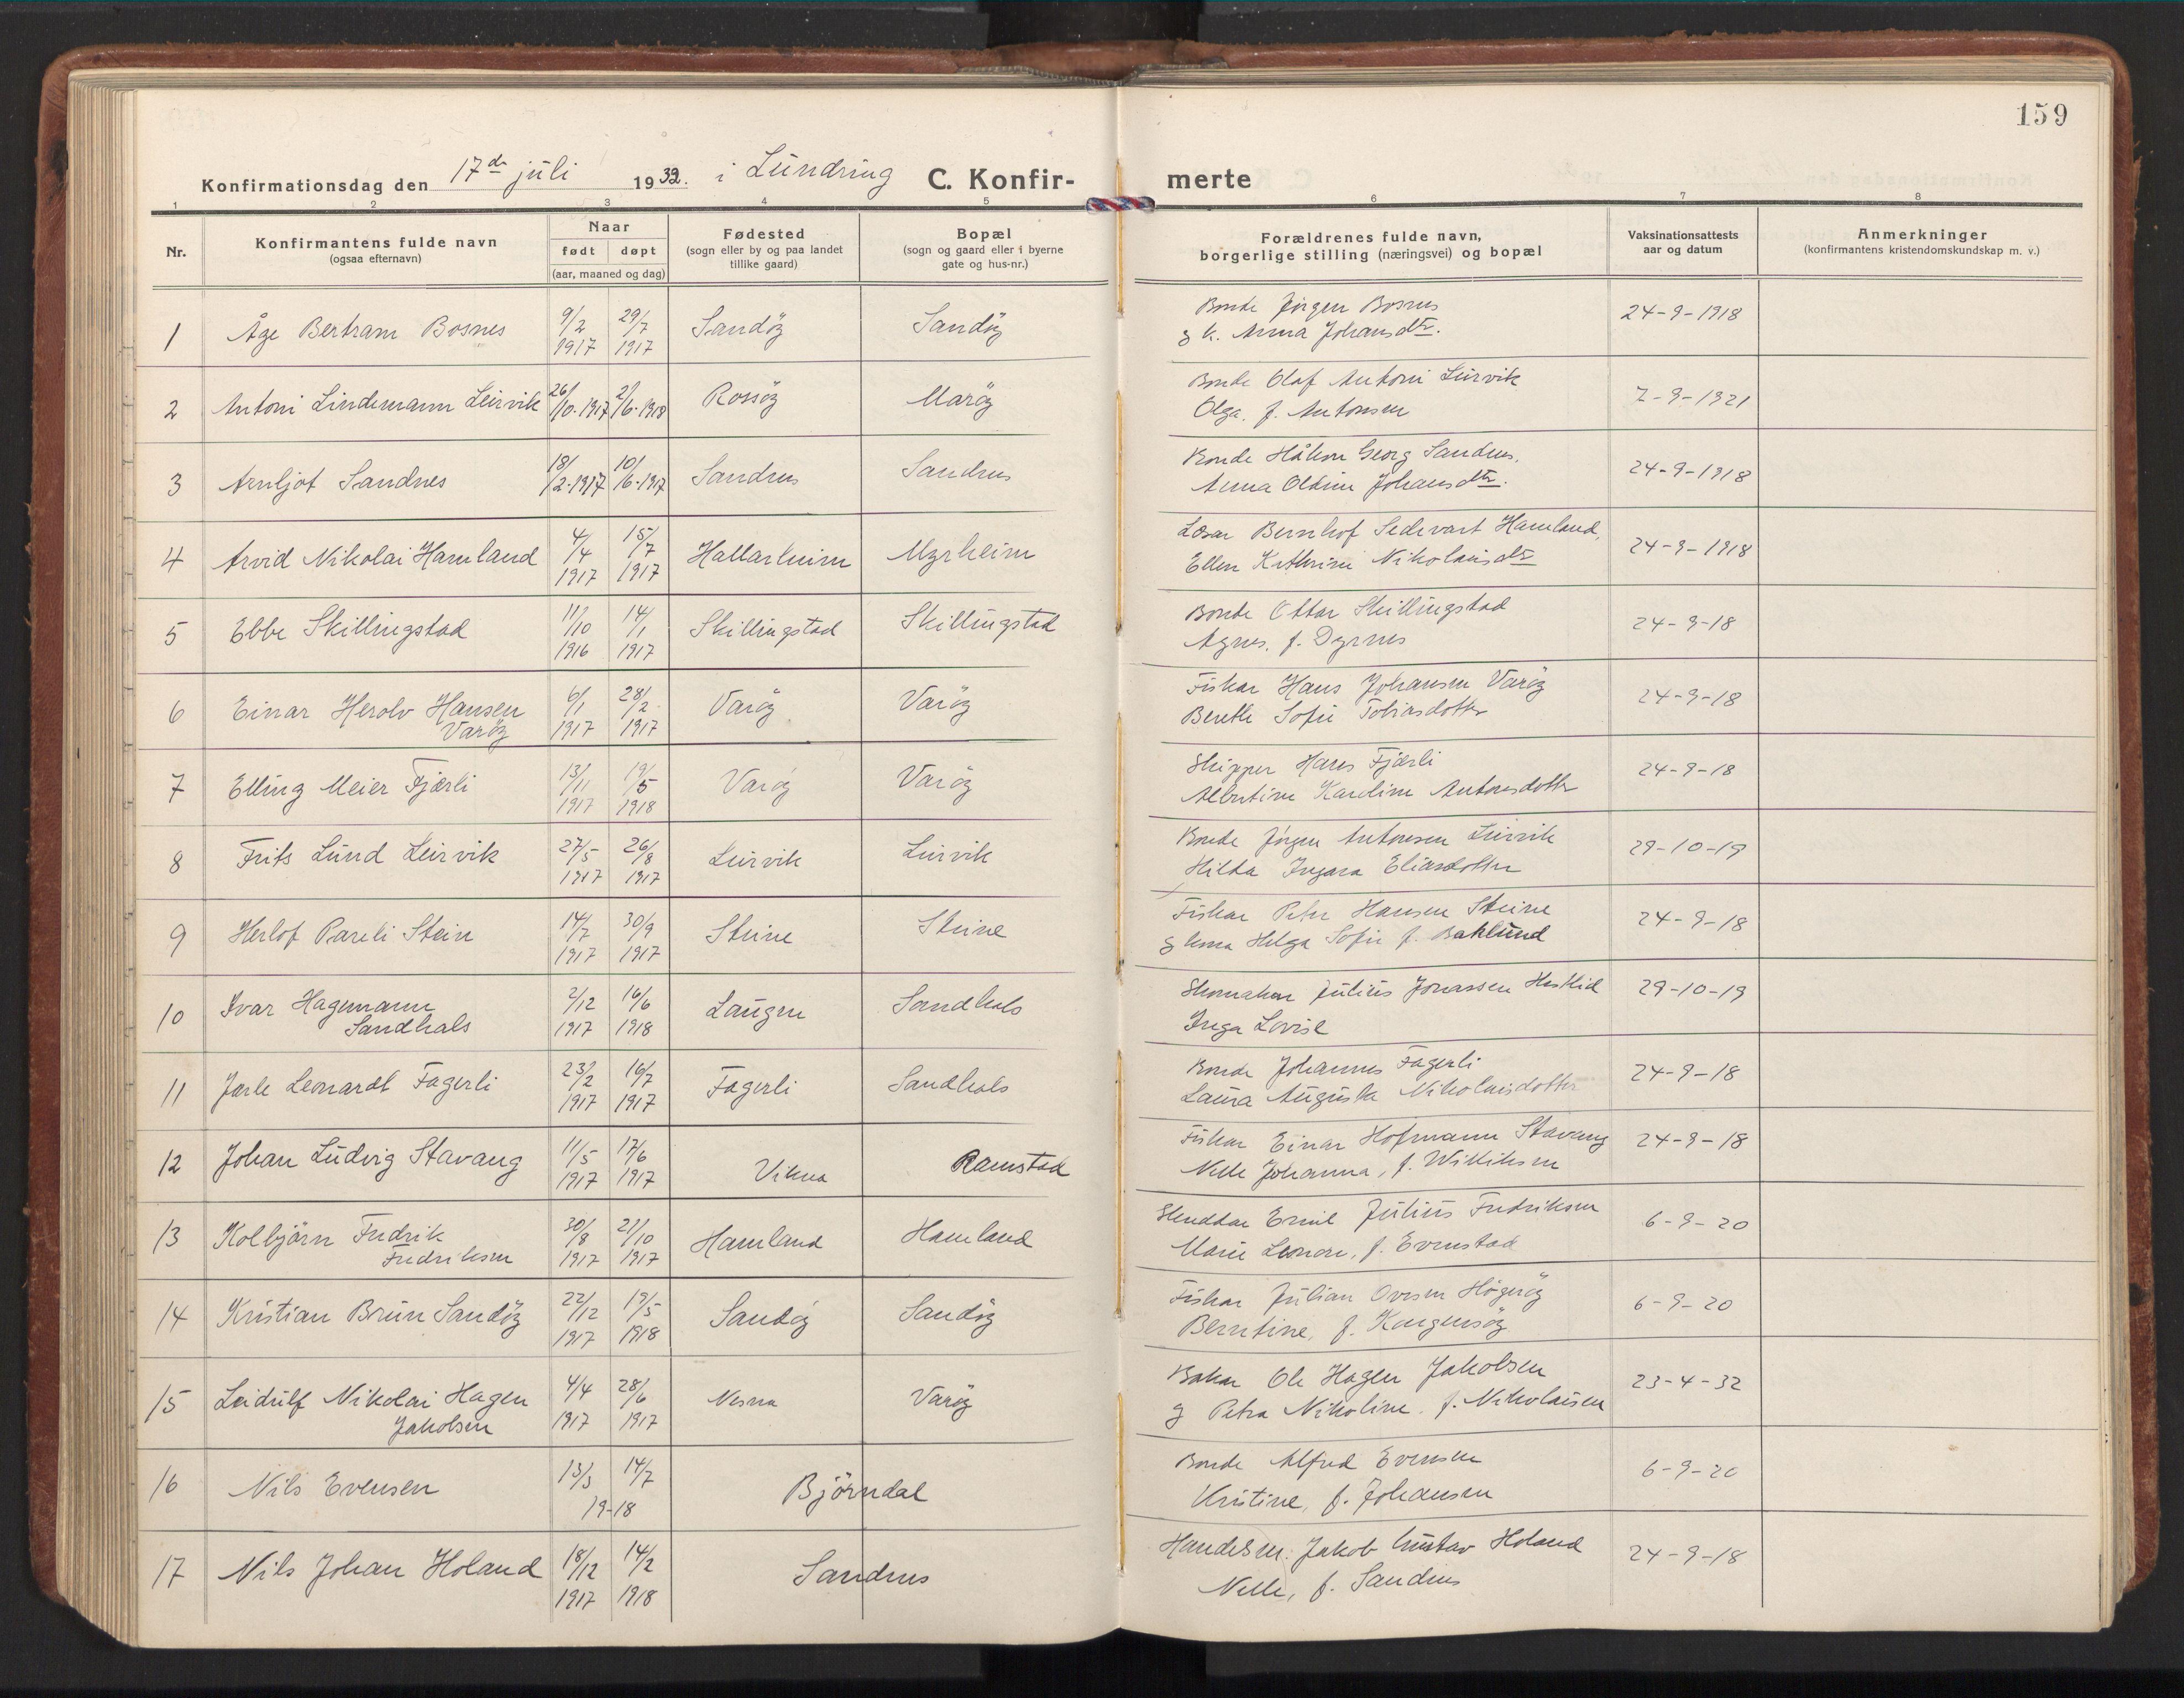 SAT, Ministerialprotokoller, klokkerbøker og fødselsregistre - Nord-Trøndelag, 784/L0678: Ministerialbok nr. 784A13, 1921-1938, s. 159